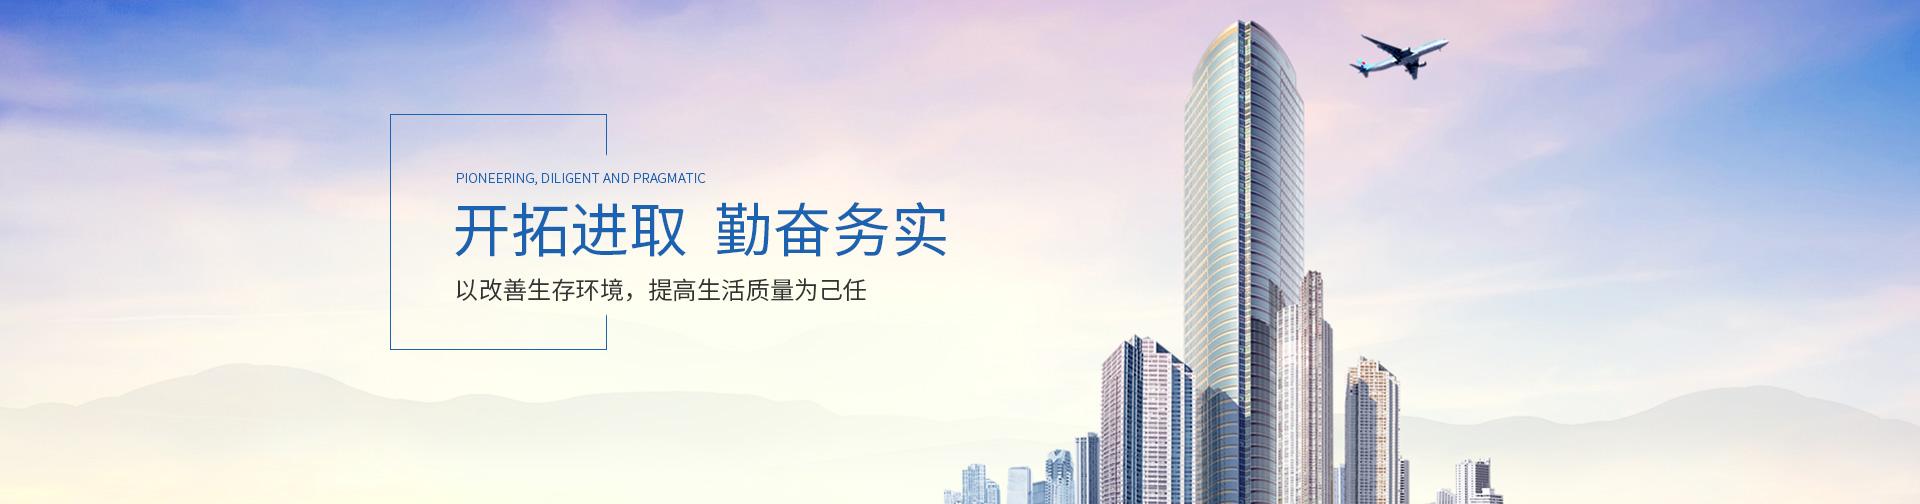 上海圣奎塑业有限公司